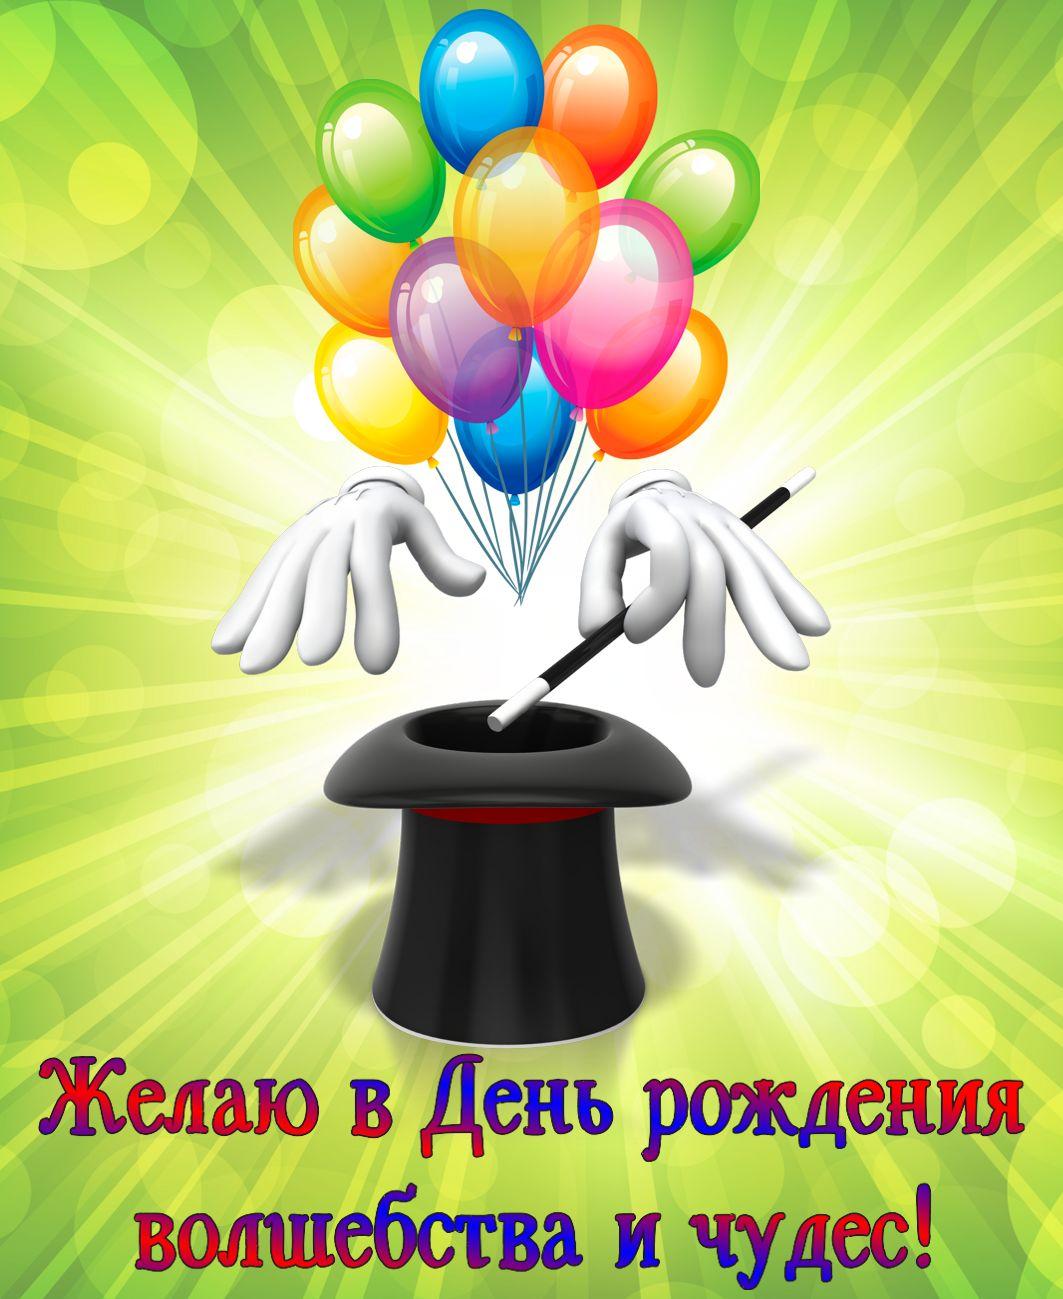 поздравление с днем рождения фокусник красота человека, природы